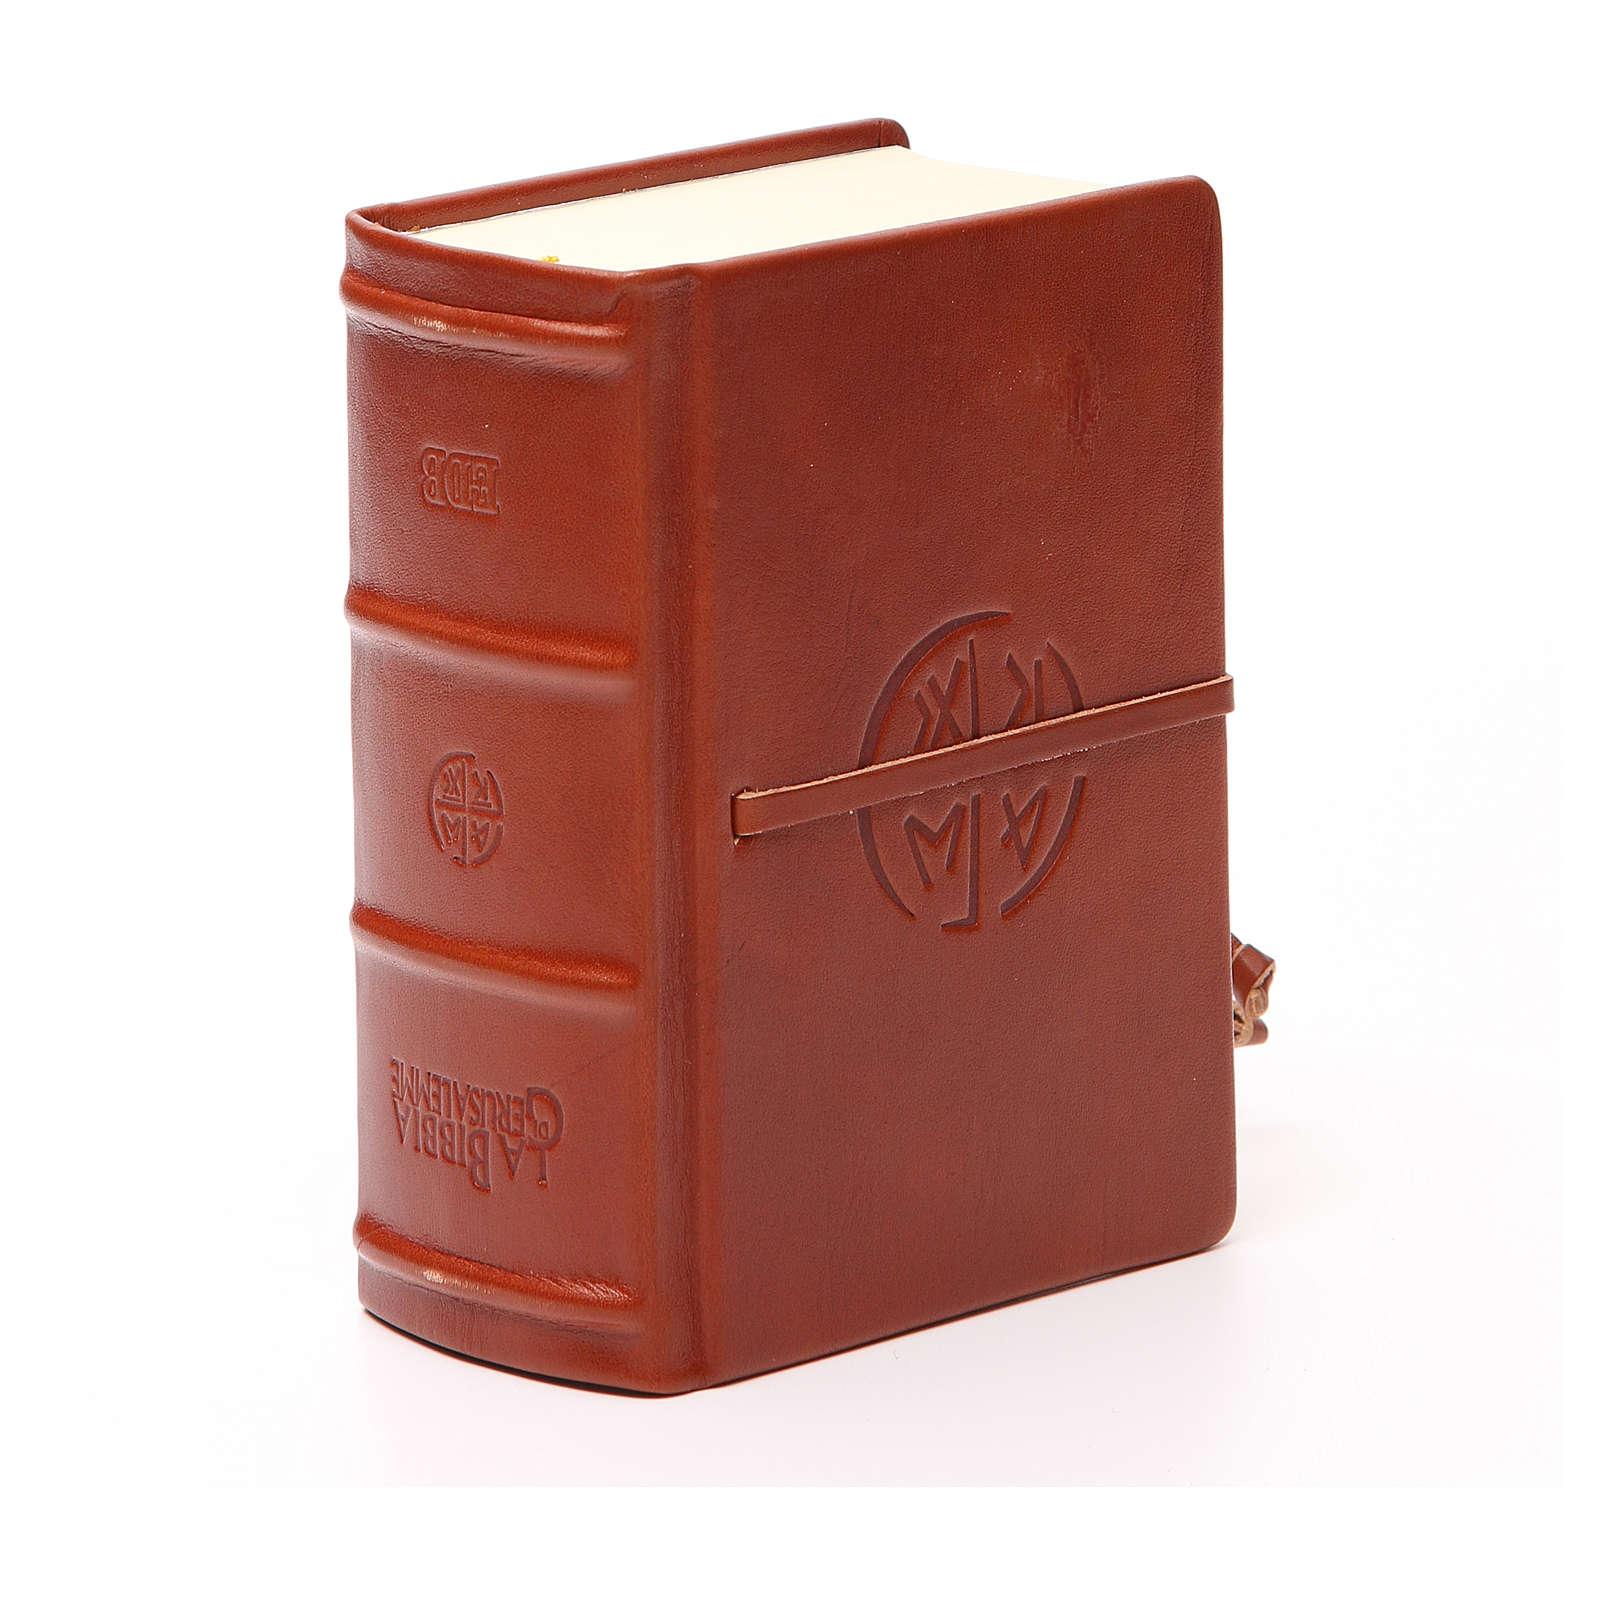 Bibbia di Gerusalemme pelle tascabile rilievi 4